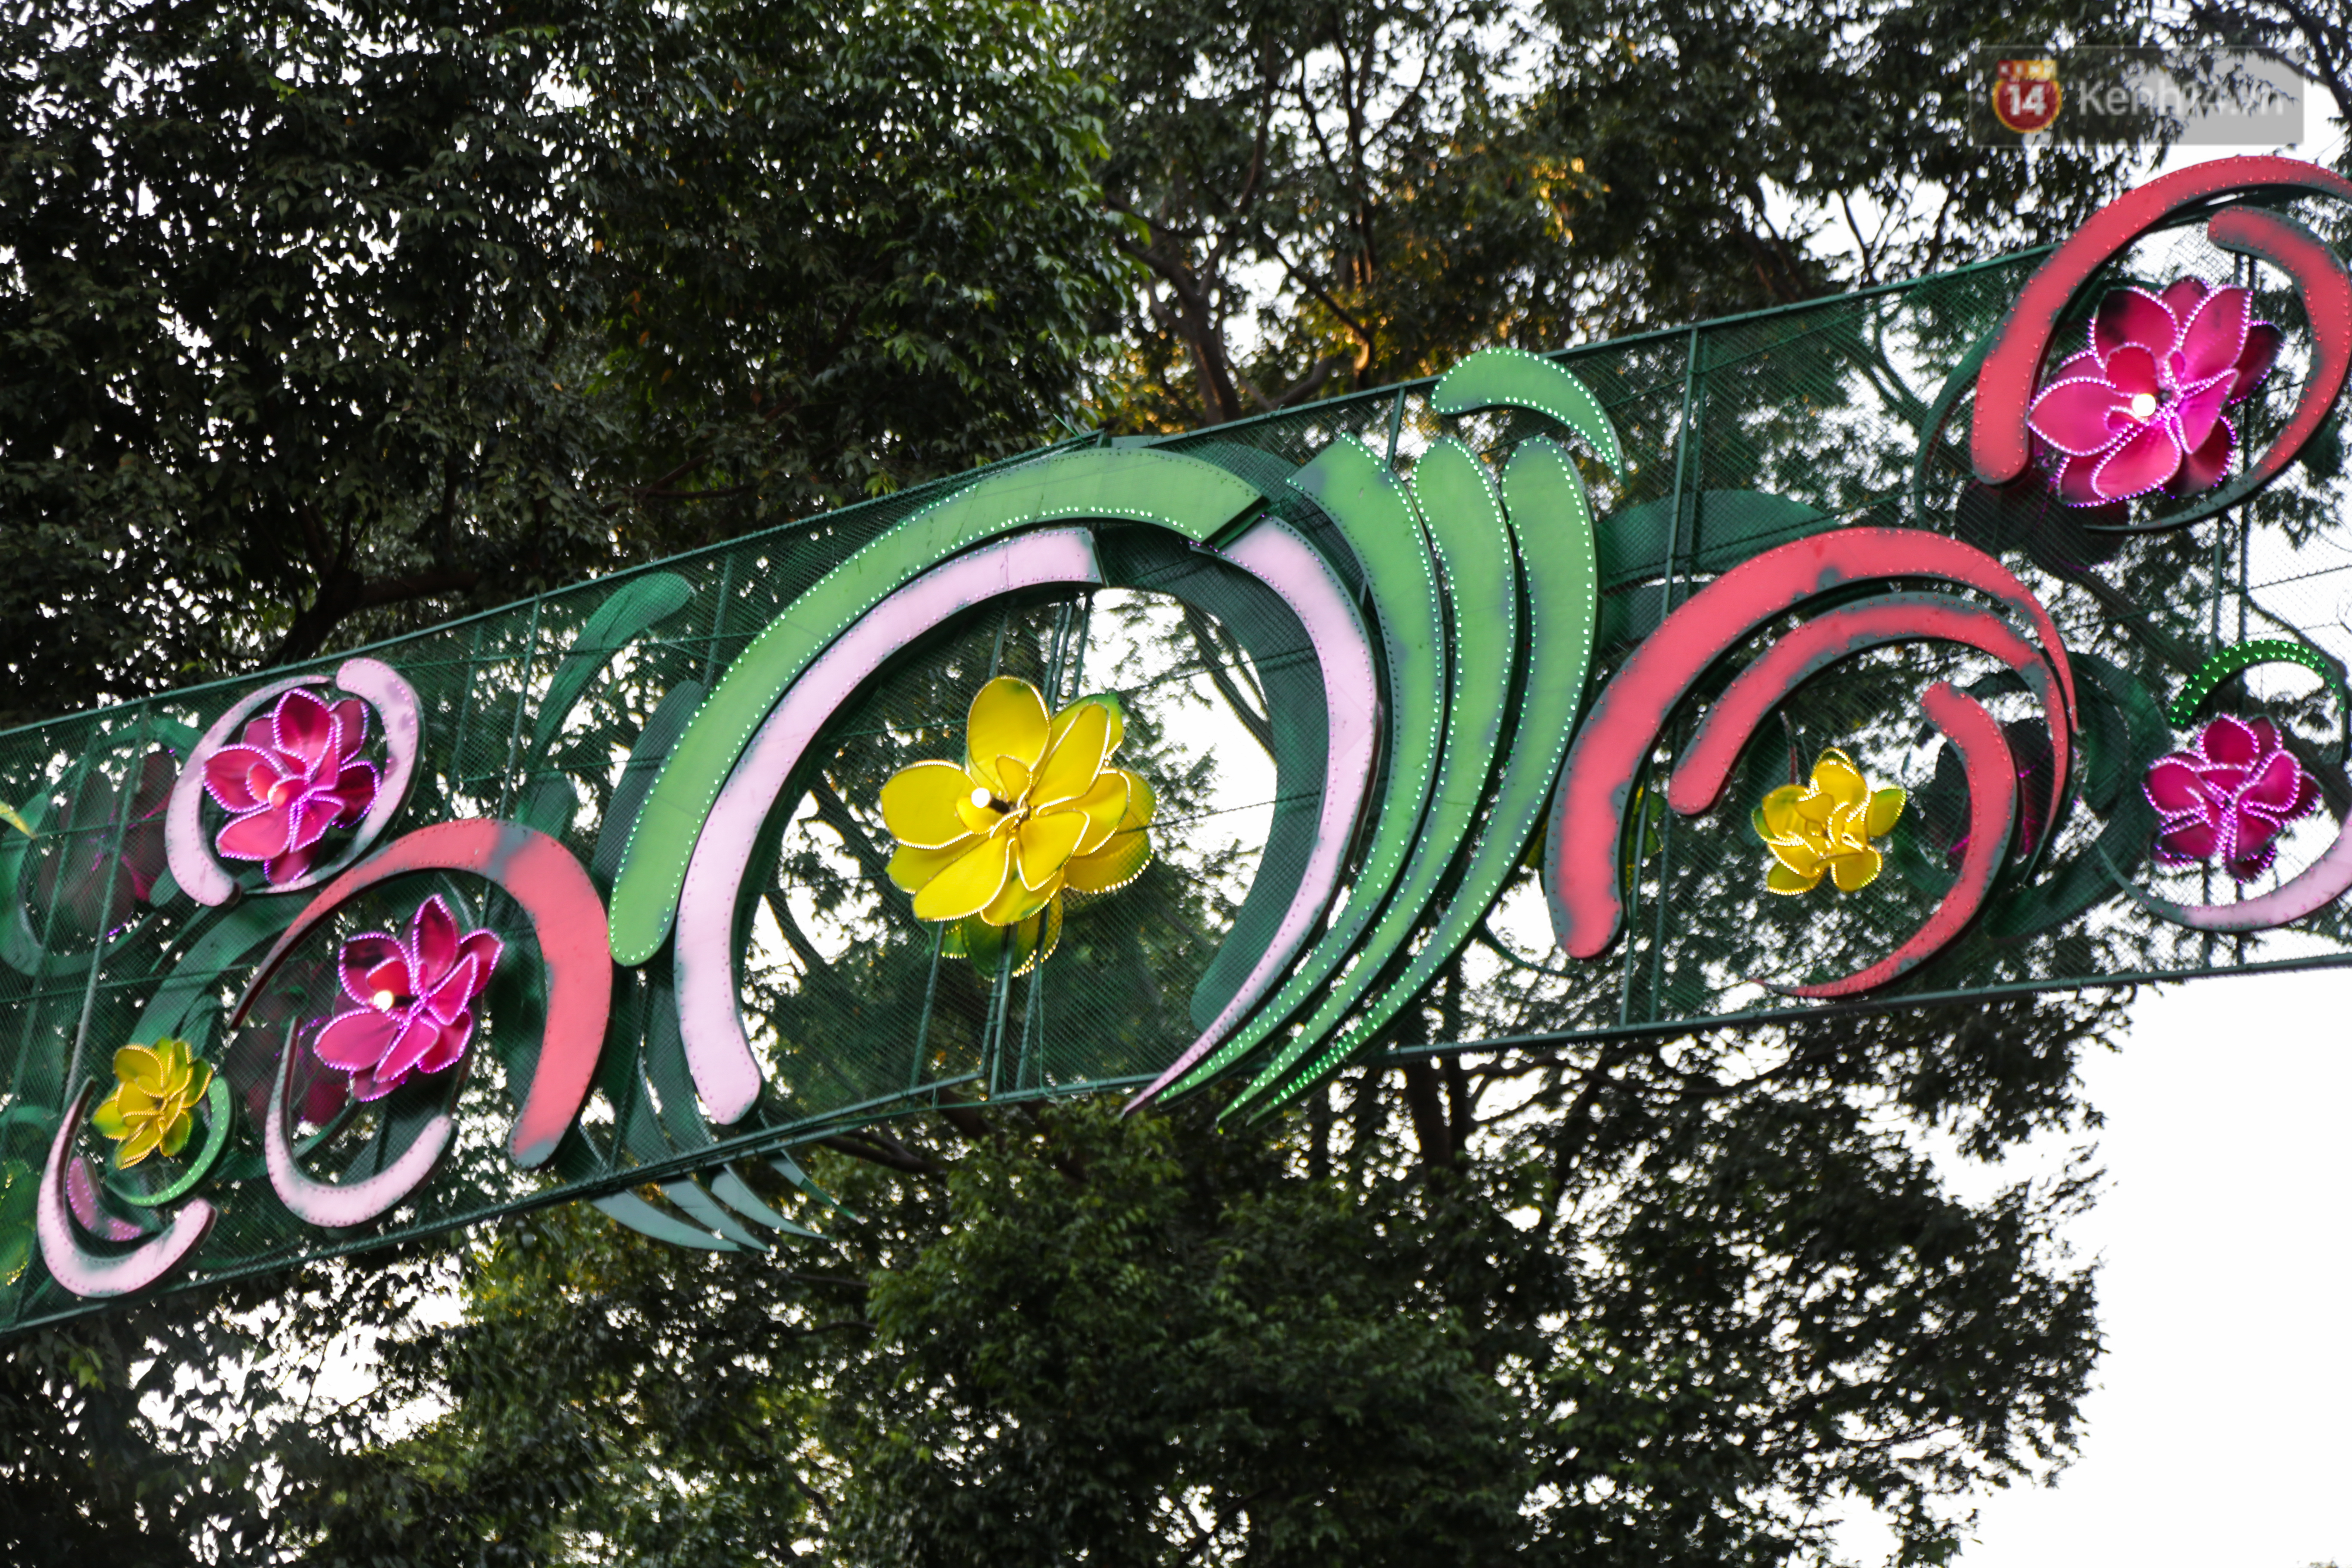 Đèn trang trí Tết trên đường Phạm Ngọc Thạch được chỉnh sửa sau khi người dân chê xấu - Ảnh 10.